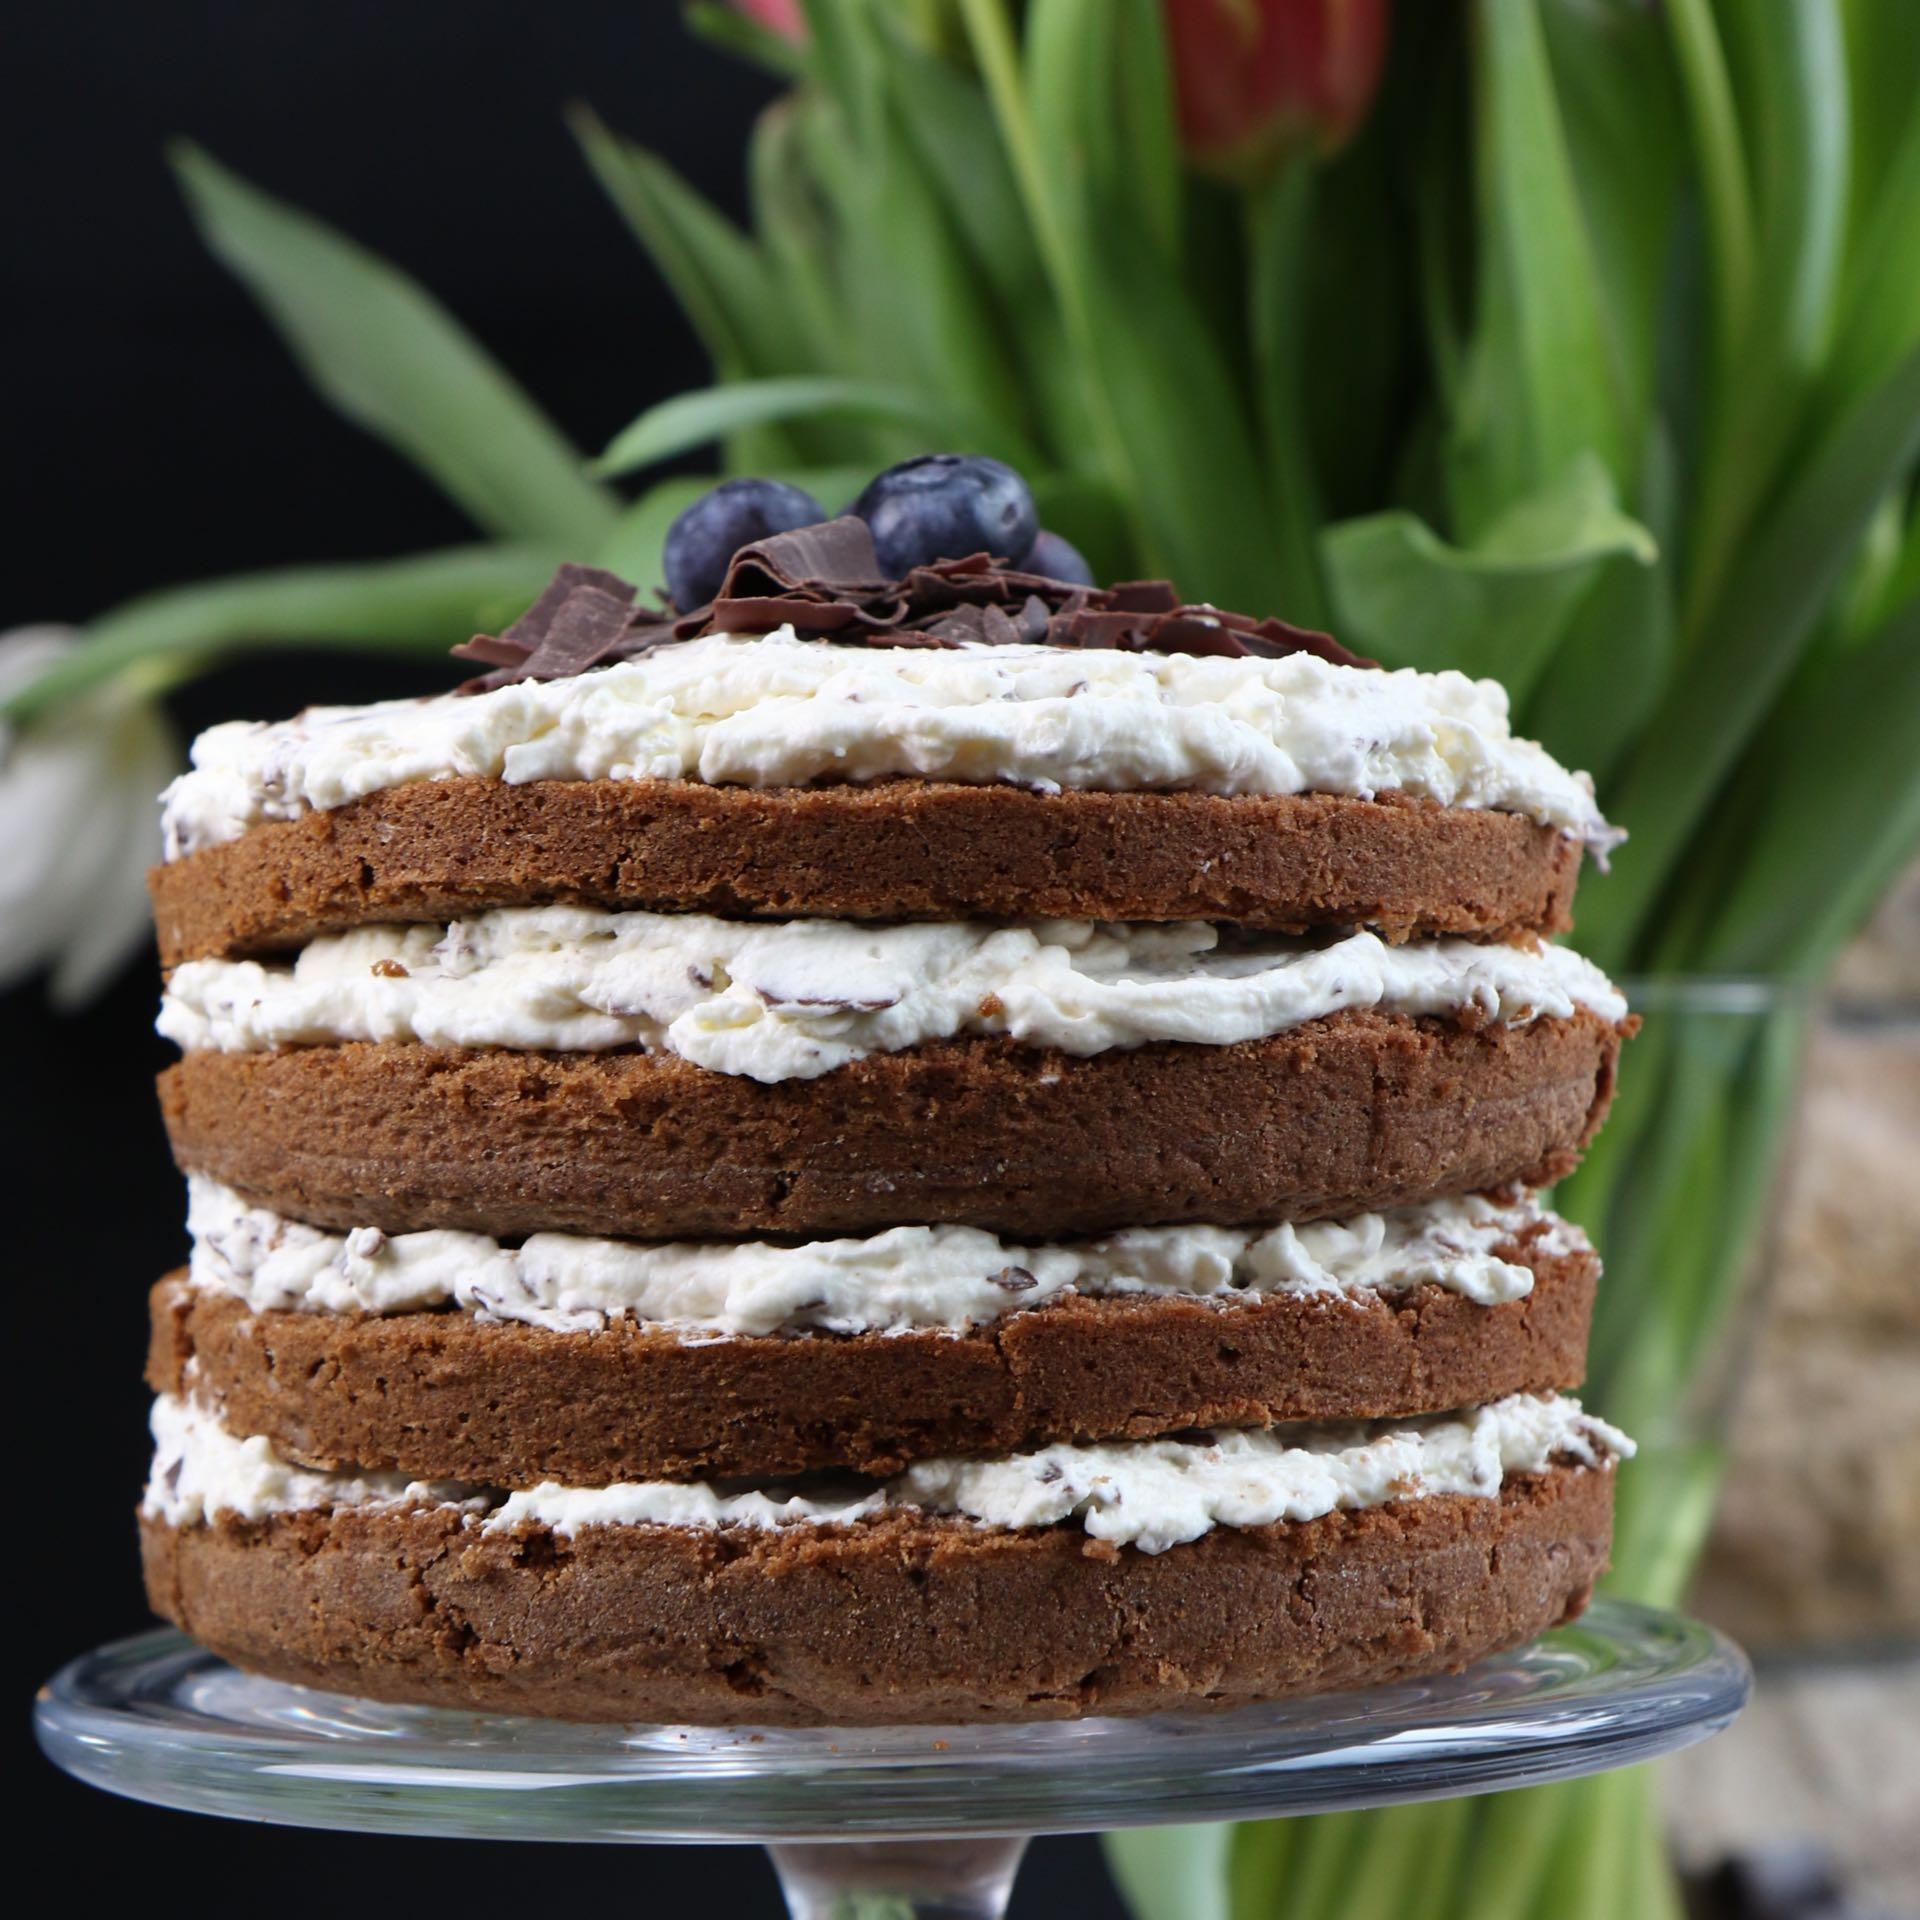 Schokoladenkuchen naked cake